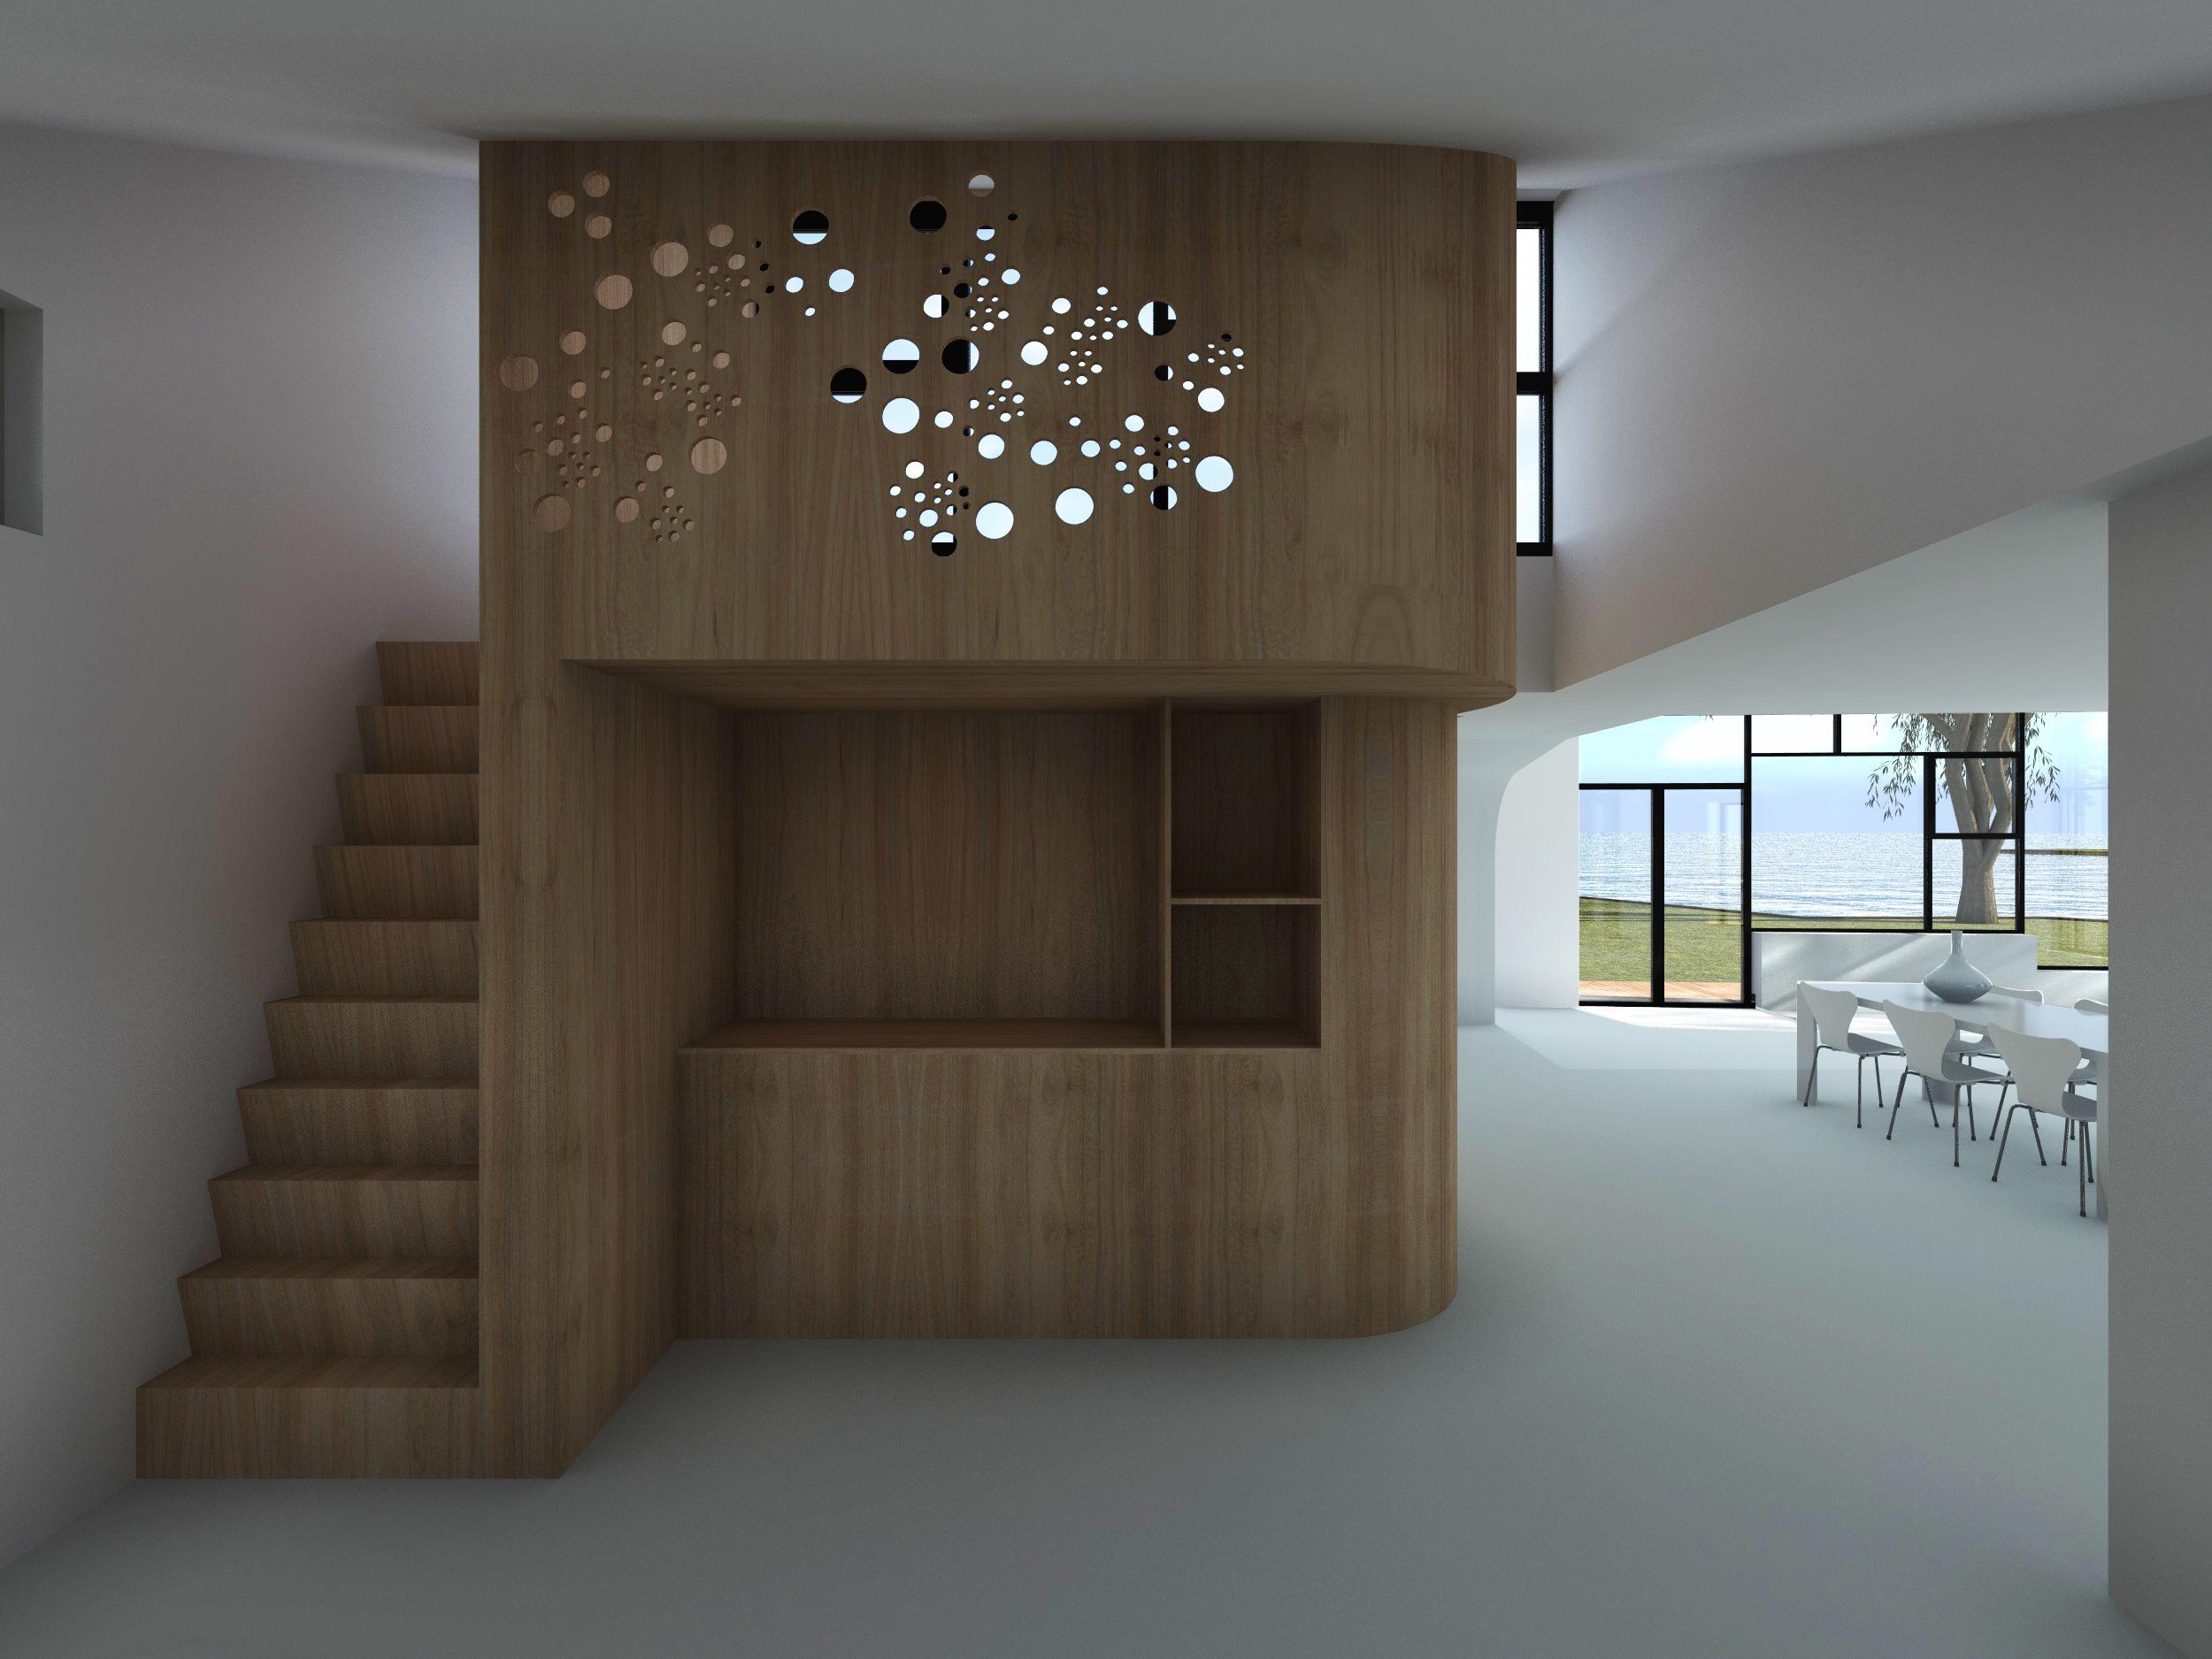 interieur 2_2